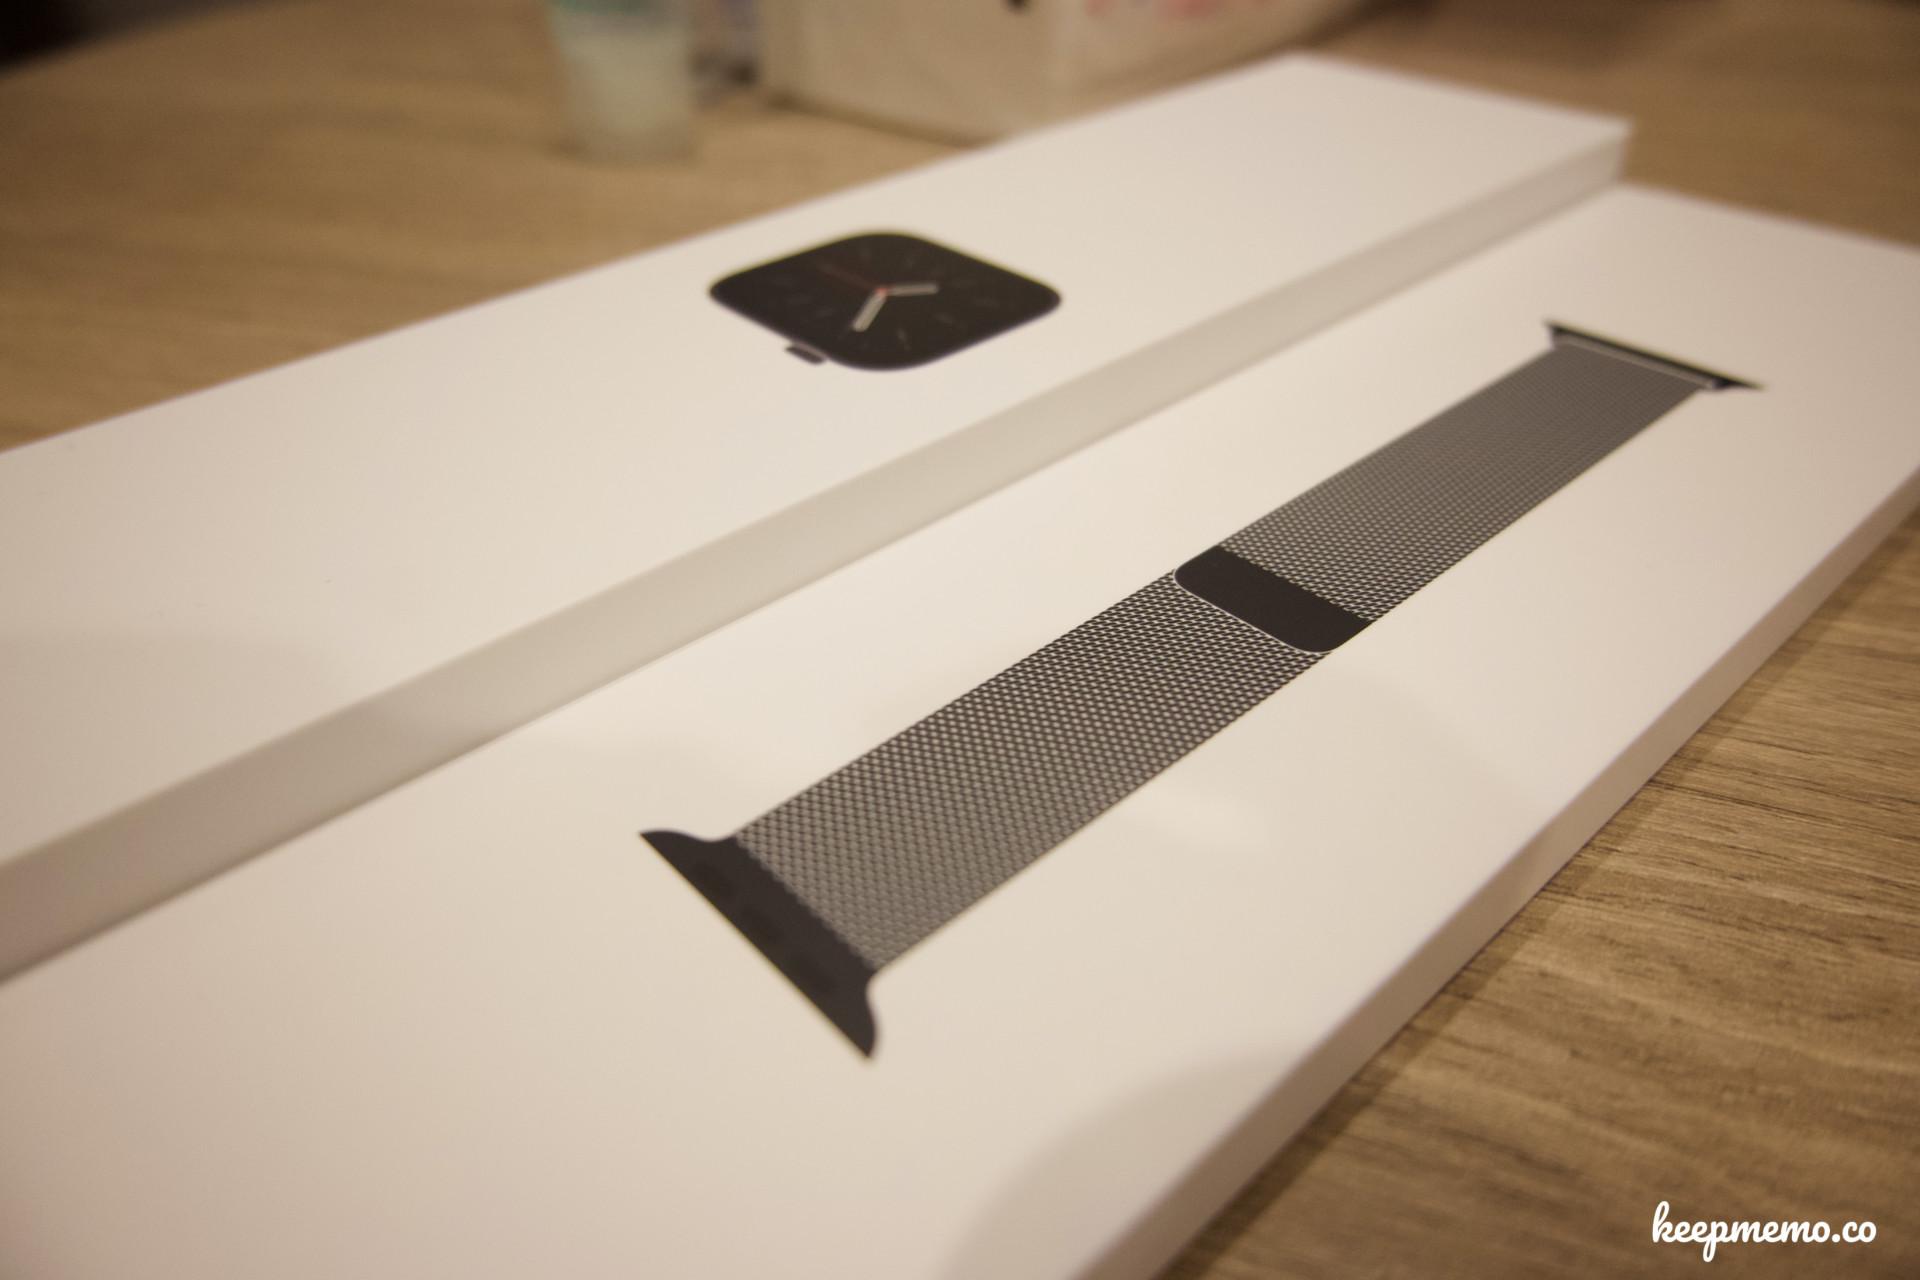 รีวิวการซื้อ Apple watch ใส่ครั้งแรก หลังจากที่ดูๆอยู่นาน ได้ซื้อสักที Apple watch series 6